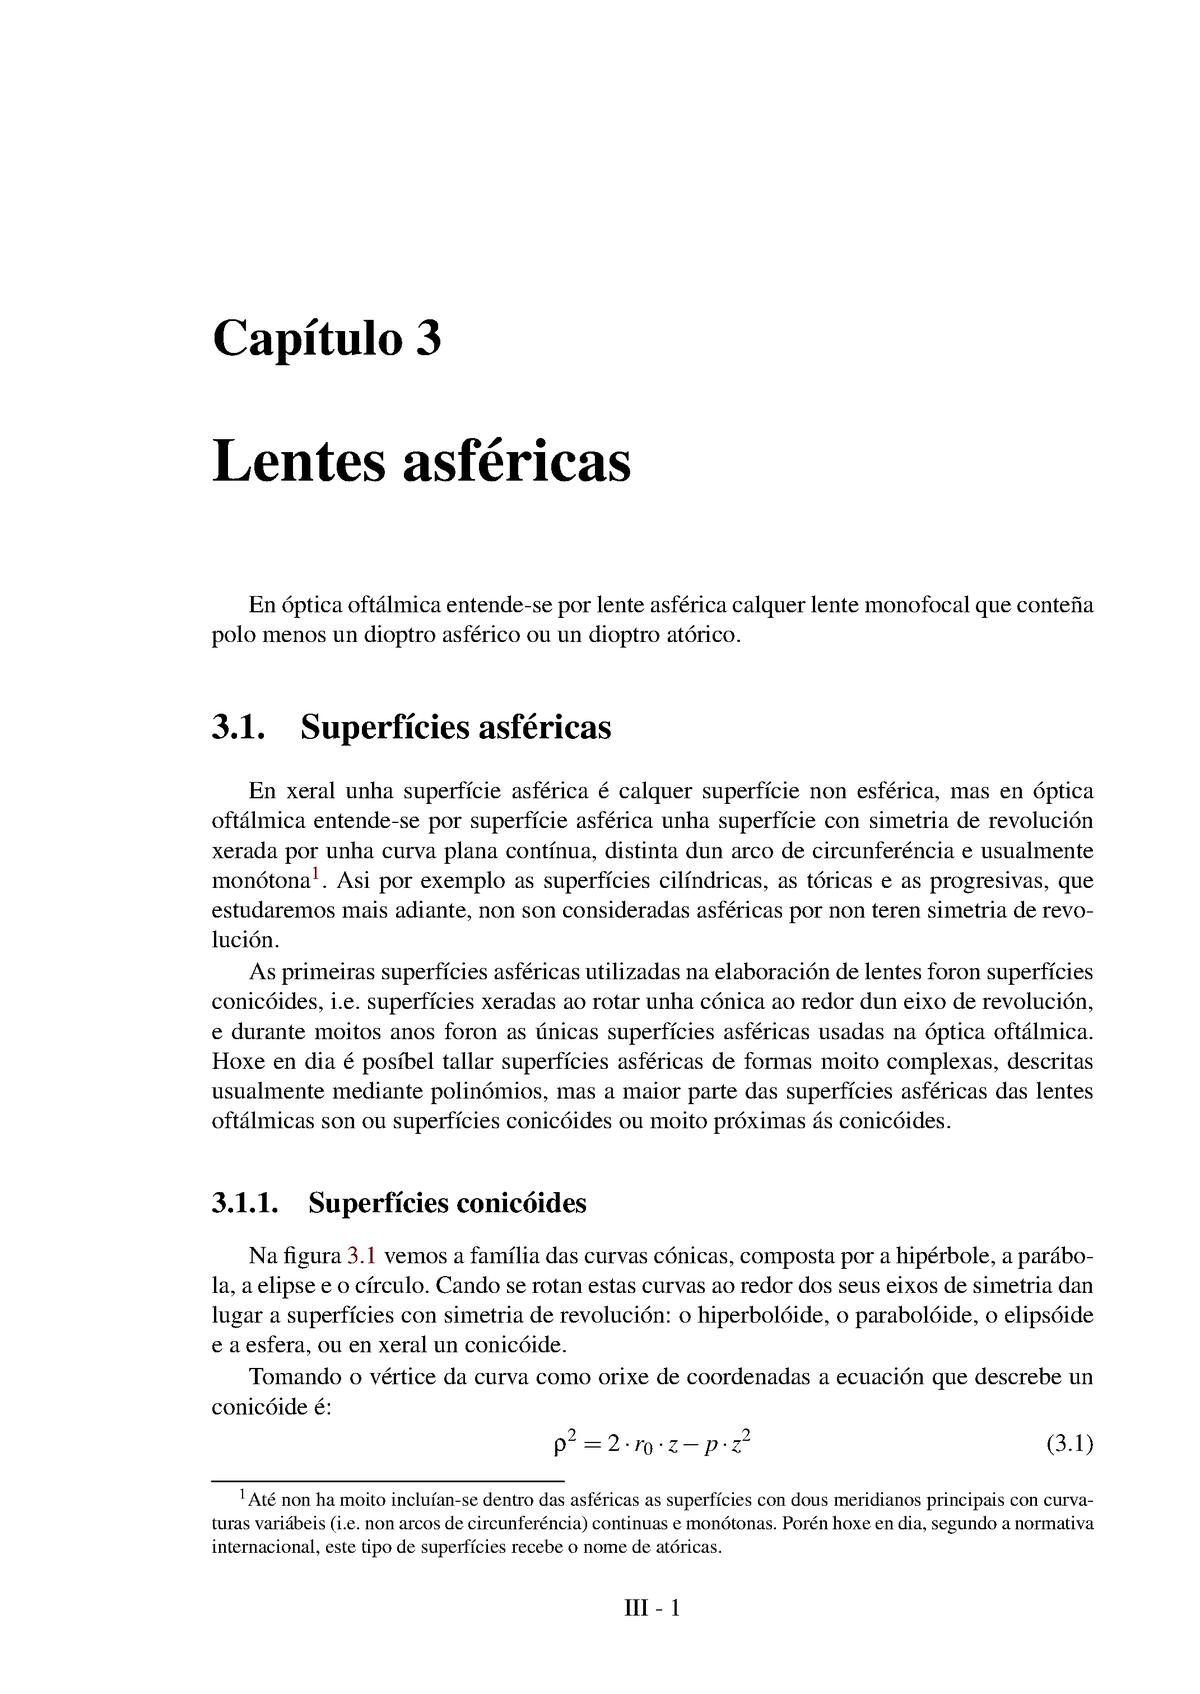 8f57425cc Lentes asféricas - G2041225: Óptica Oftálmica I - StuDocu